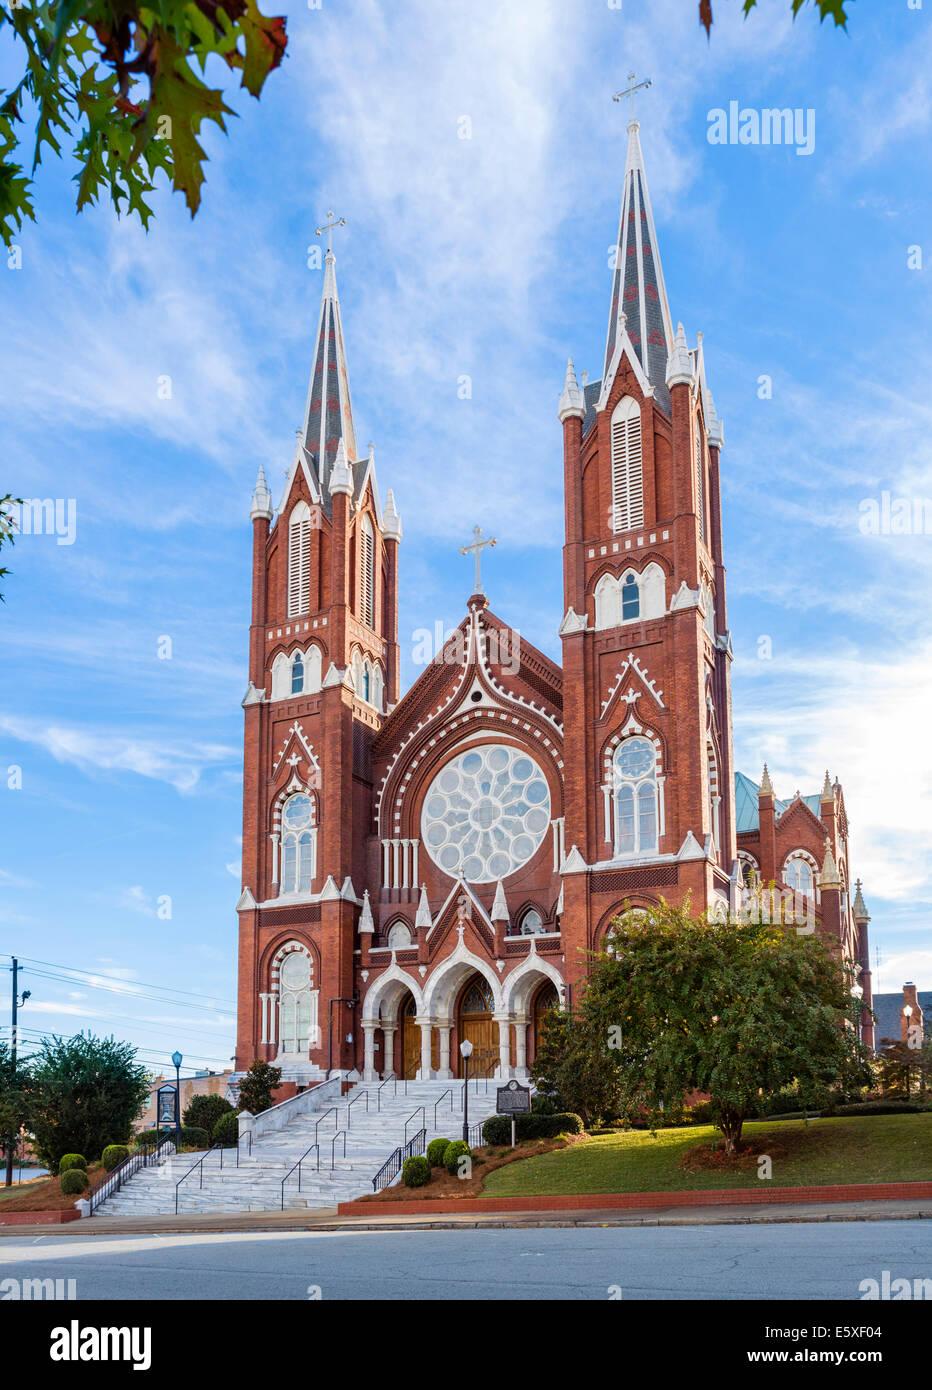 Katholische Kirche St. Joseph in Poplar Street in der Innenstadt von Macon, Georgia, USA Stockfoto